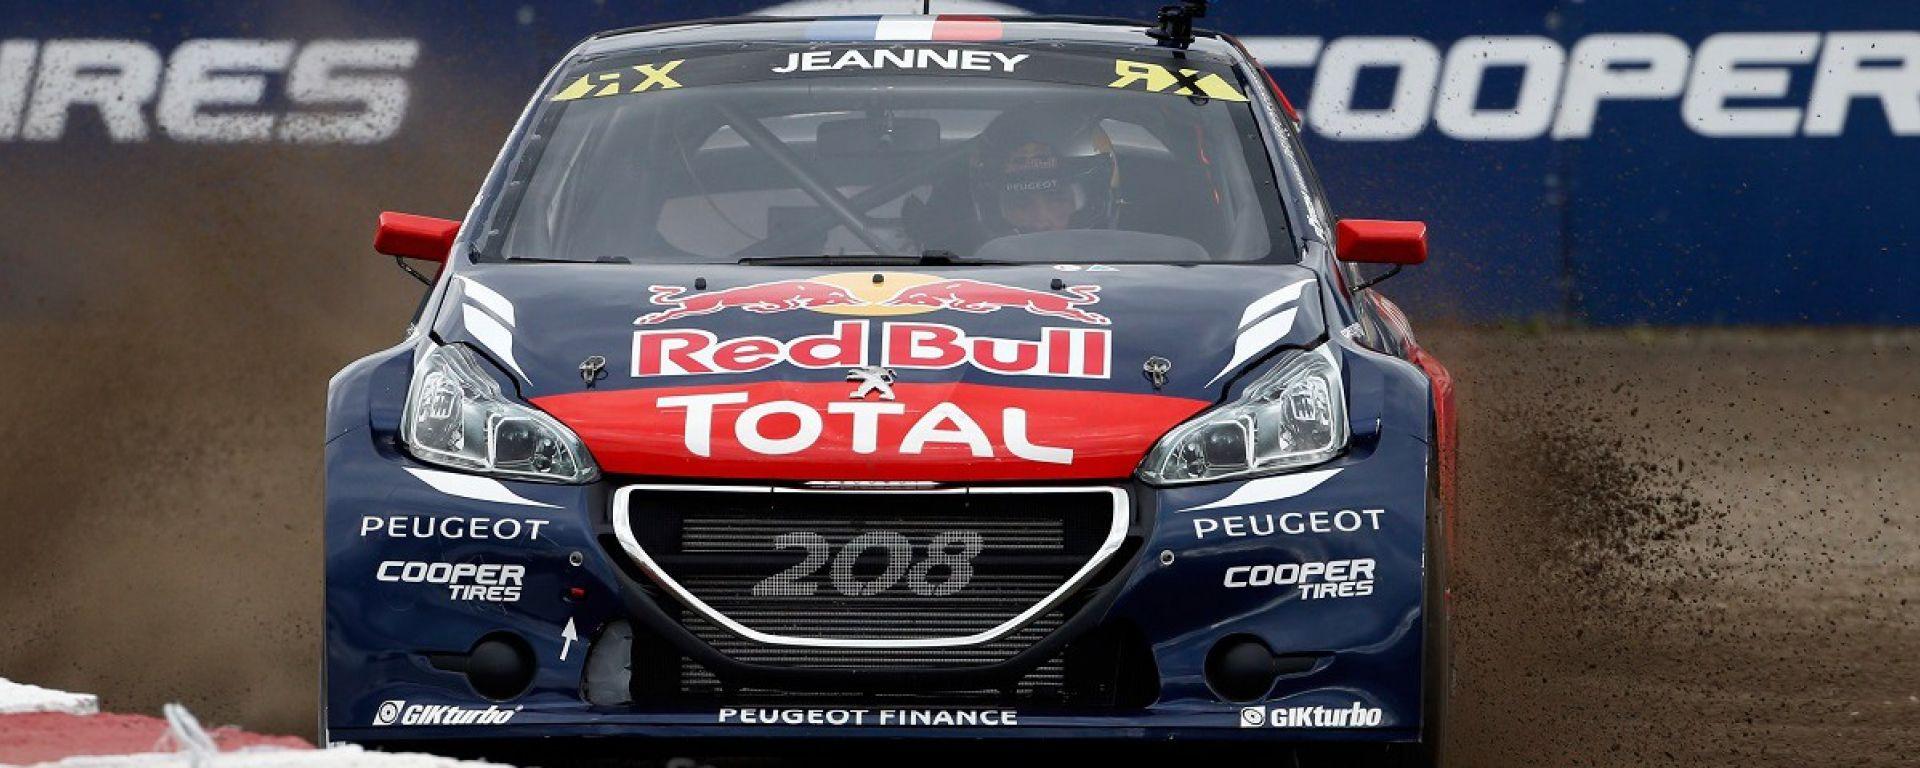 La Peugeot 208 WRX di Timmy Hansen